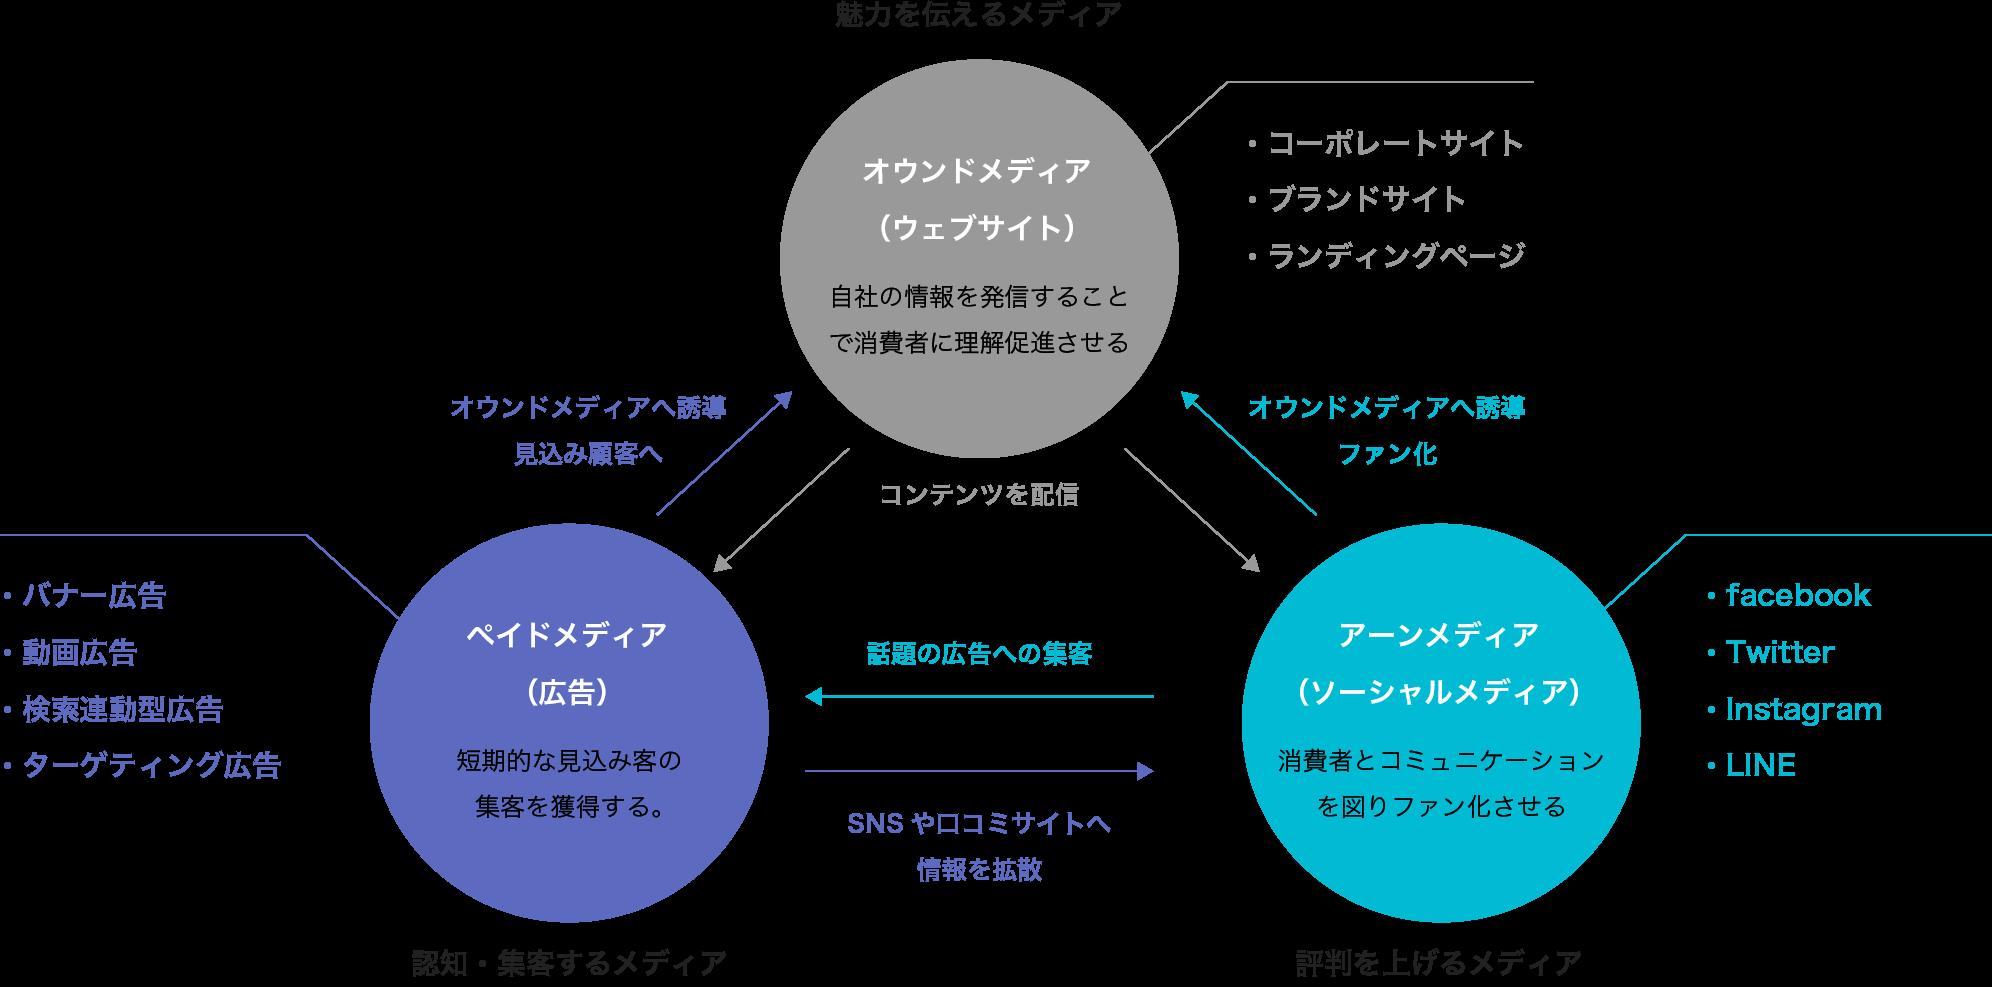 イメージ図:トリプルメディア戦略